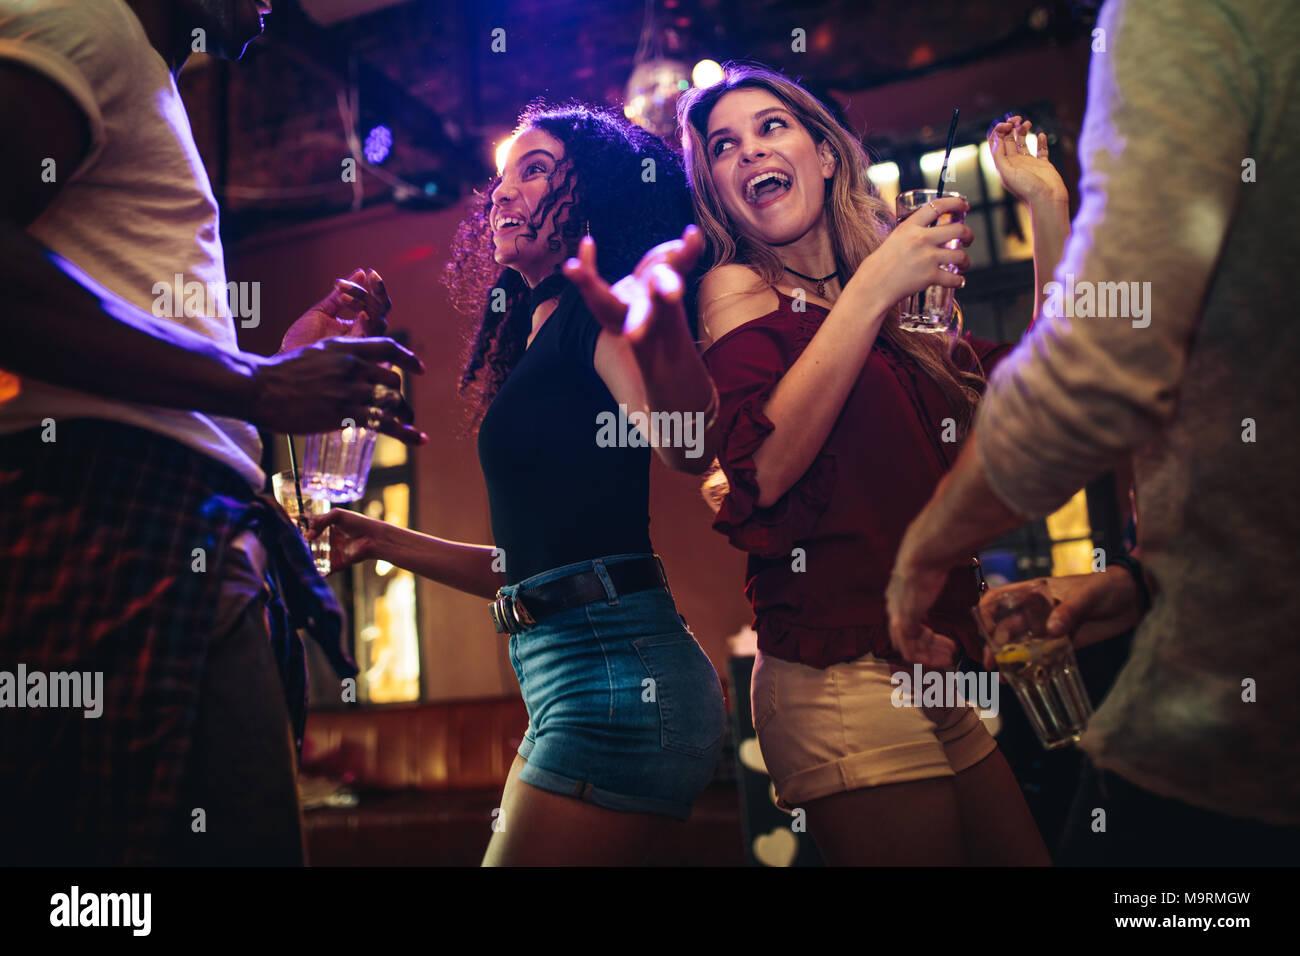 Las mujeres jóvenes felices bailando y divirtiéndose con amigos varones en la discoteca. Grupo de amigos disfrutando en el bar con bebidas. Imagen De Stock